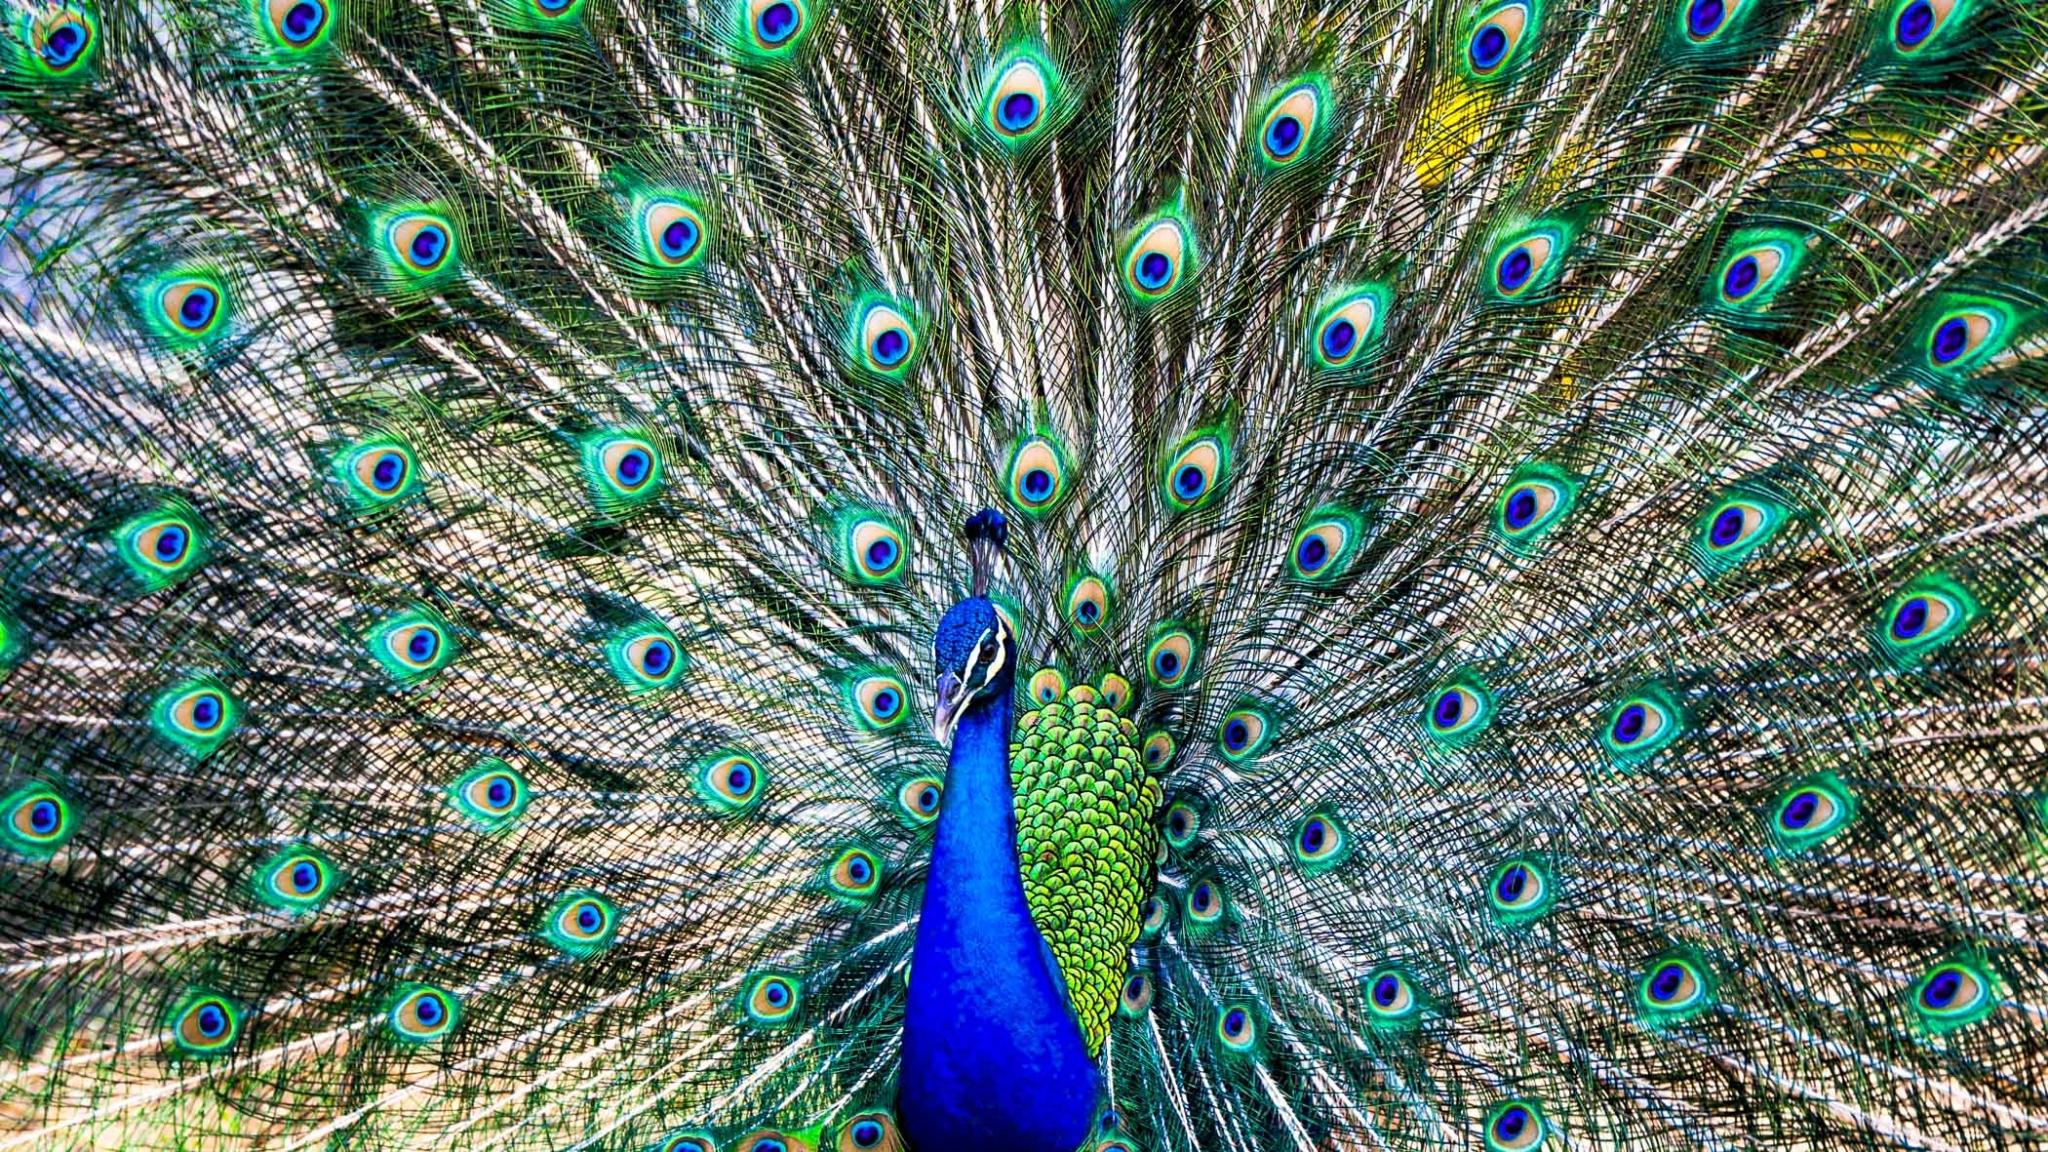 Peacock Singapore